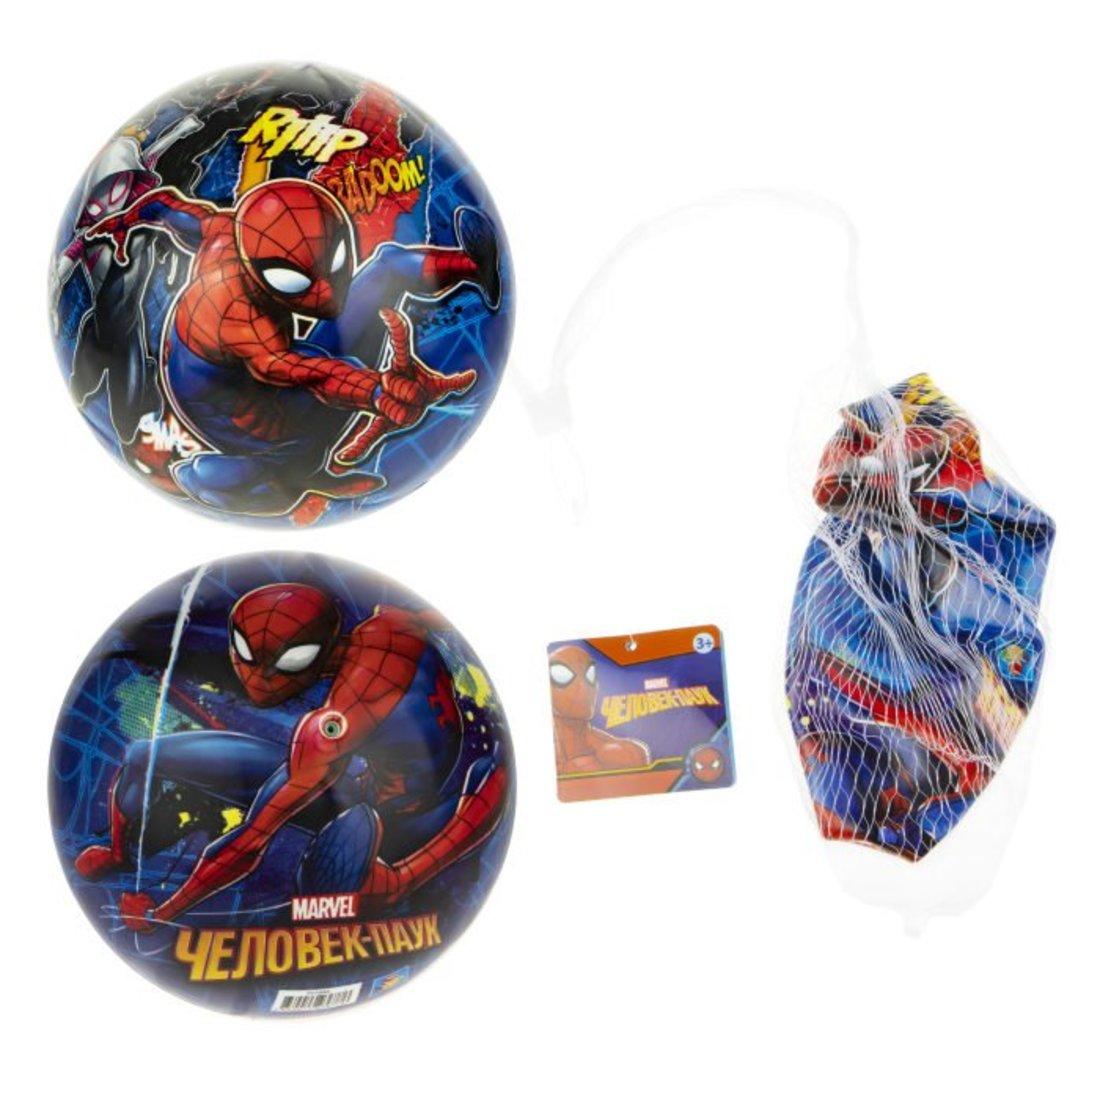 Мяч Marvel Мстители Человек Паук мяч 23 см